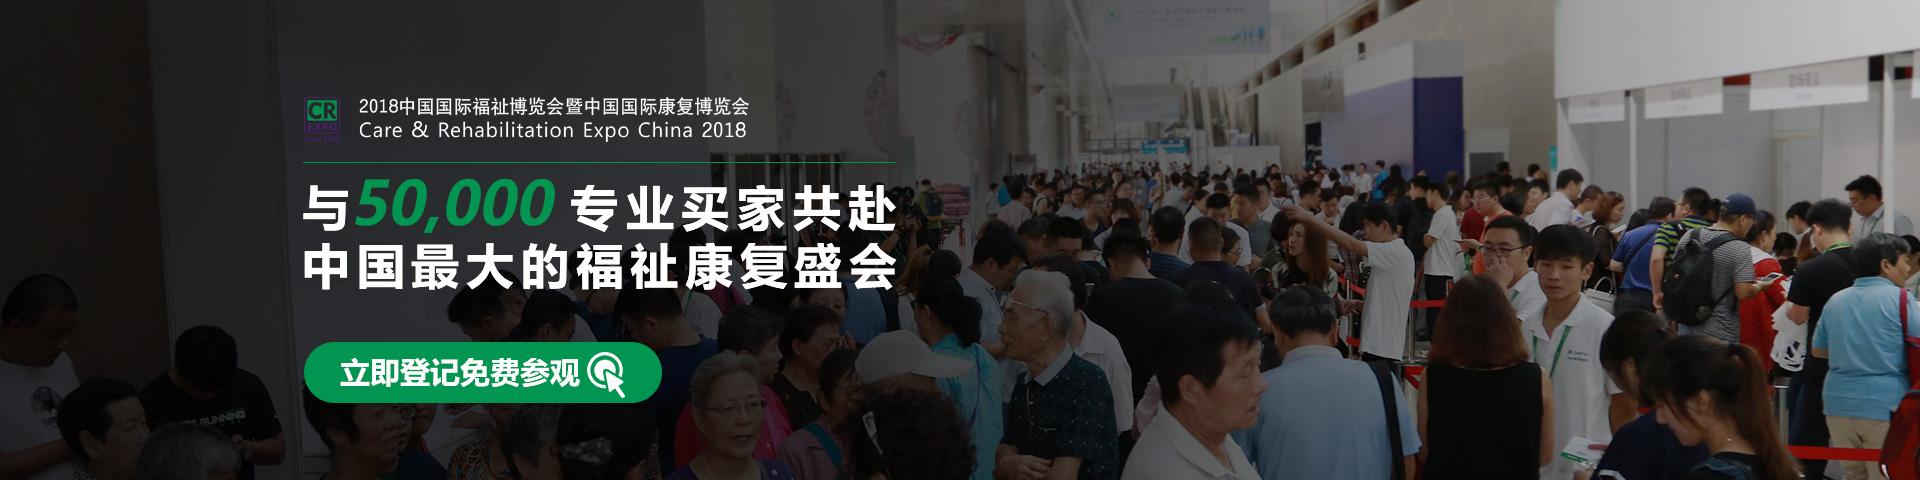 中国最大的福祉康复盛会